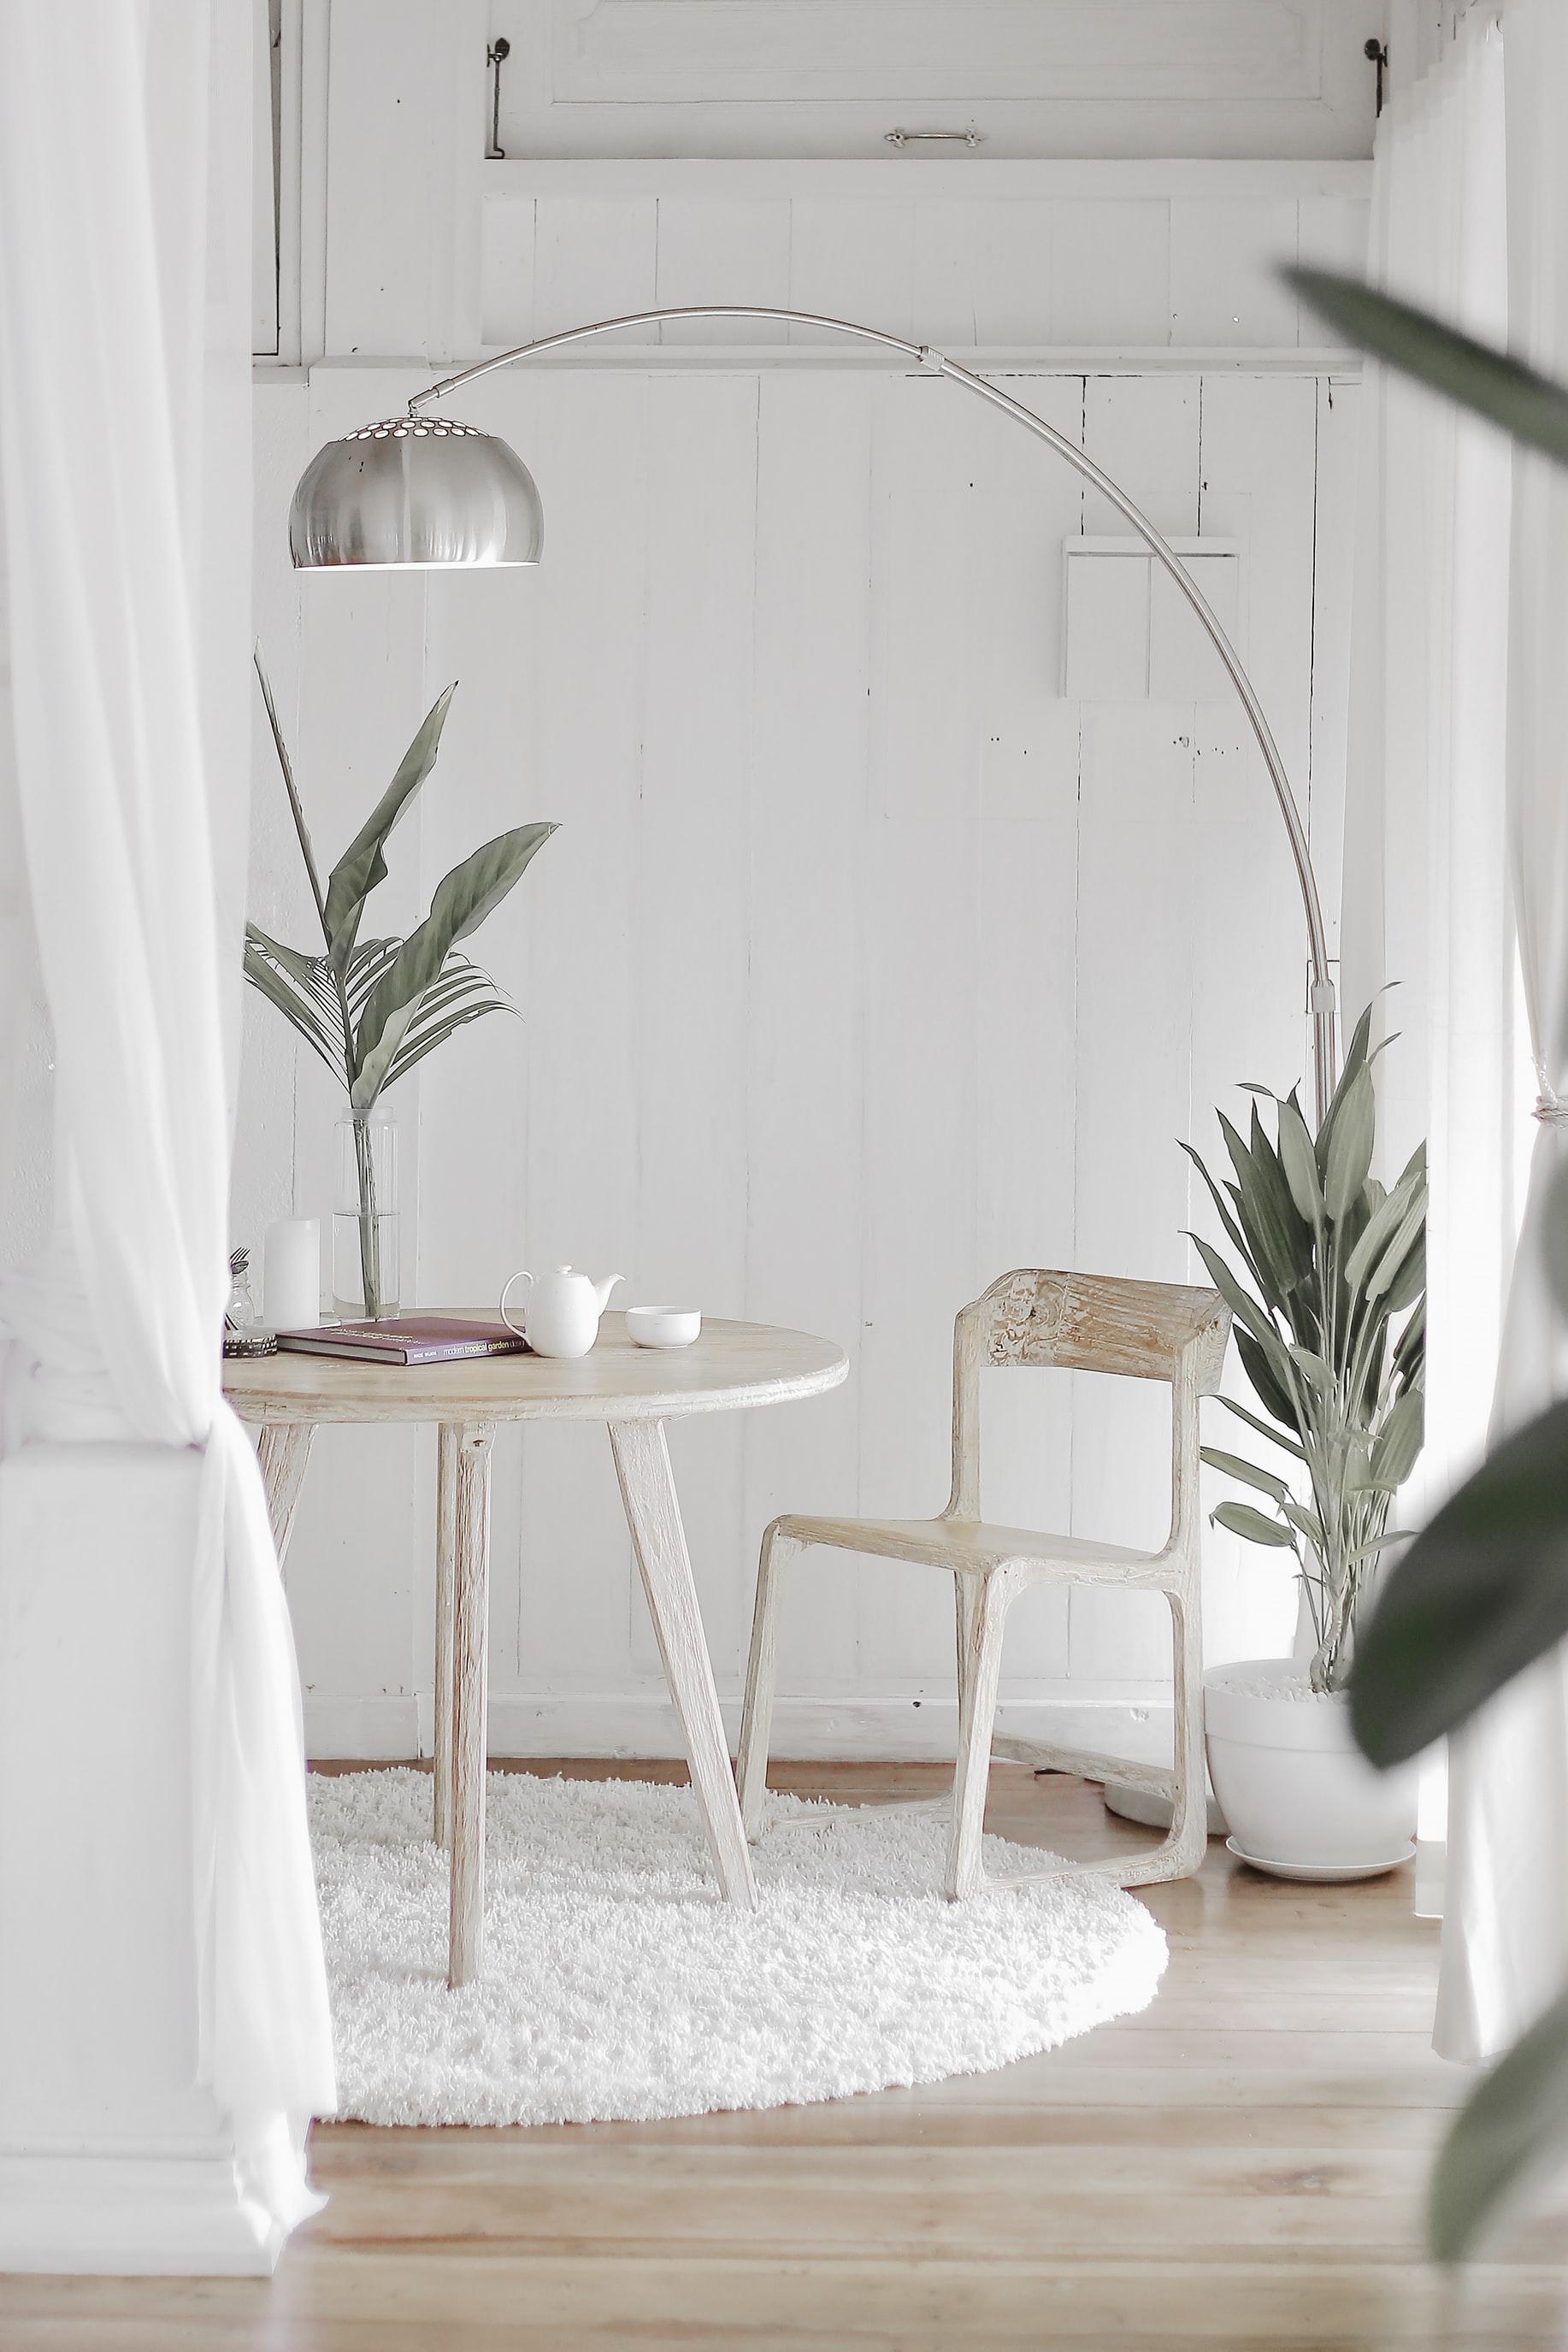 Как обустроить маленькую квартиру: главные «да» и «нет»-Фото 6